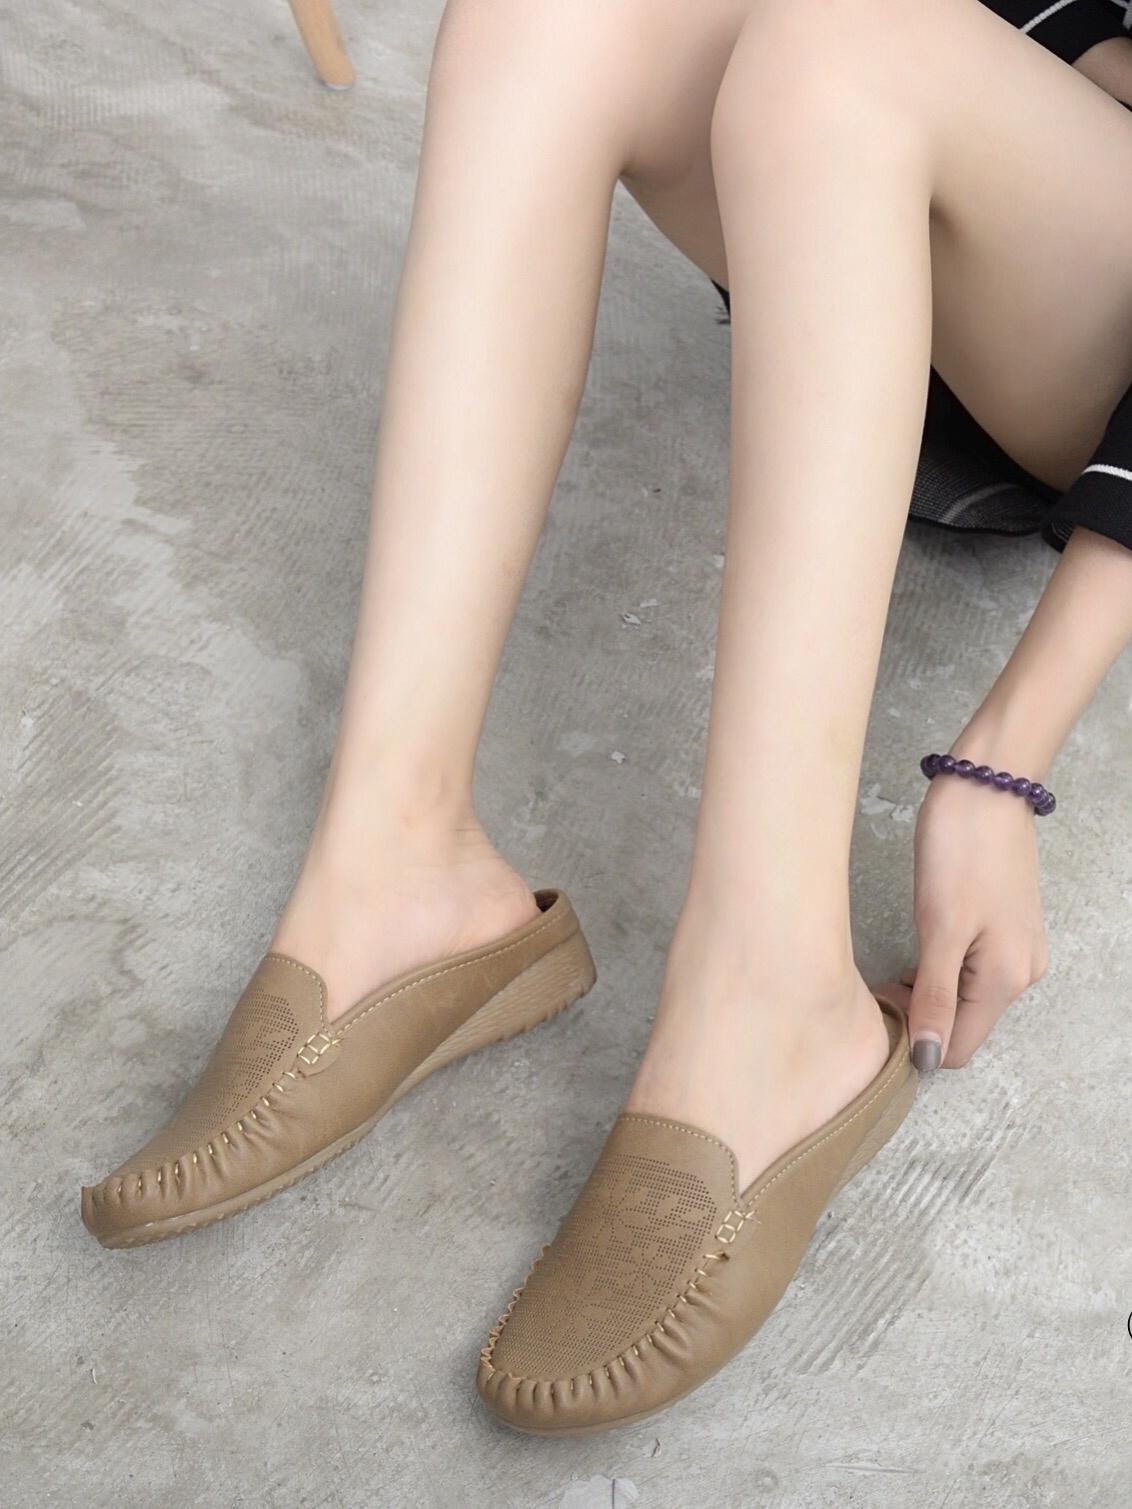 รองเท้าเพื่อสุขภาพ ทรงสวม ลายดอกไม้ (สีกาแฟ)